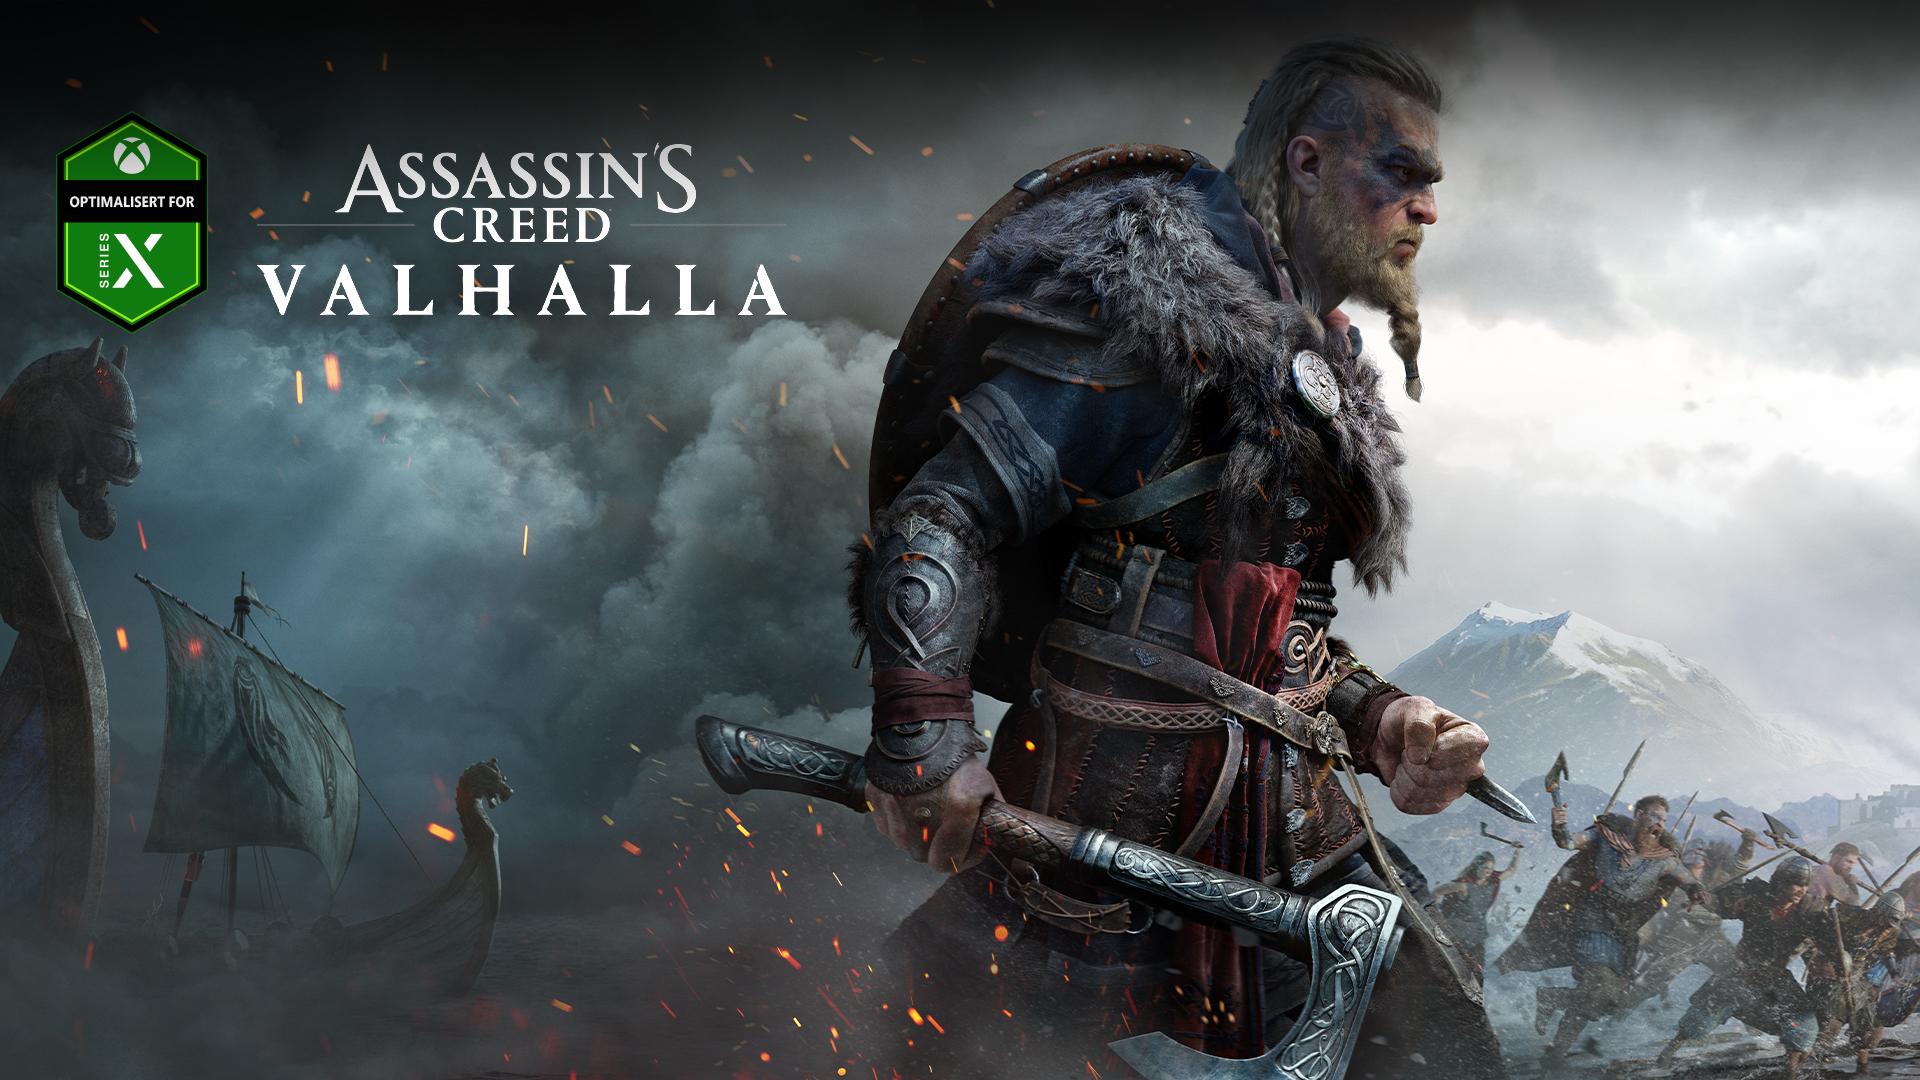 Optimalisert for Xbox Series X-logoen, Assassin's Creed Valhalla, karakter med en øks, skip i tåken og en kamp